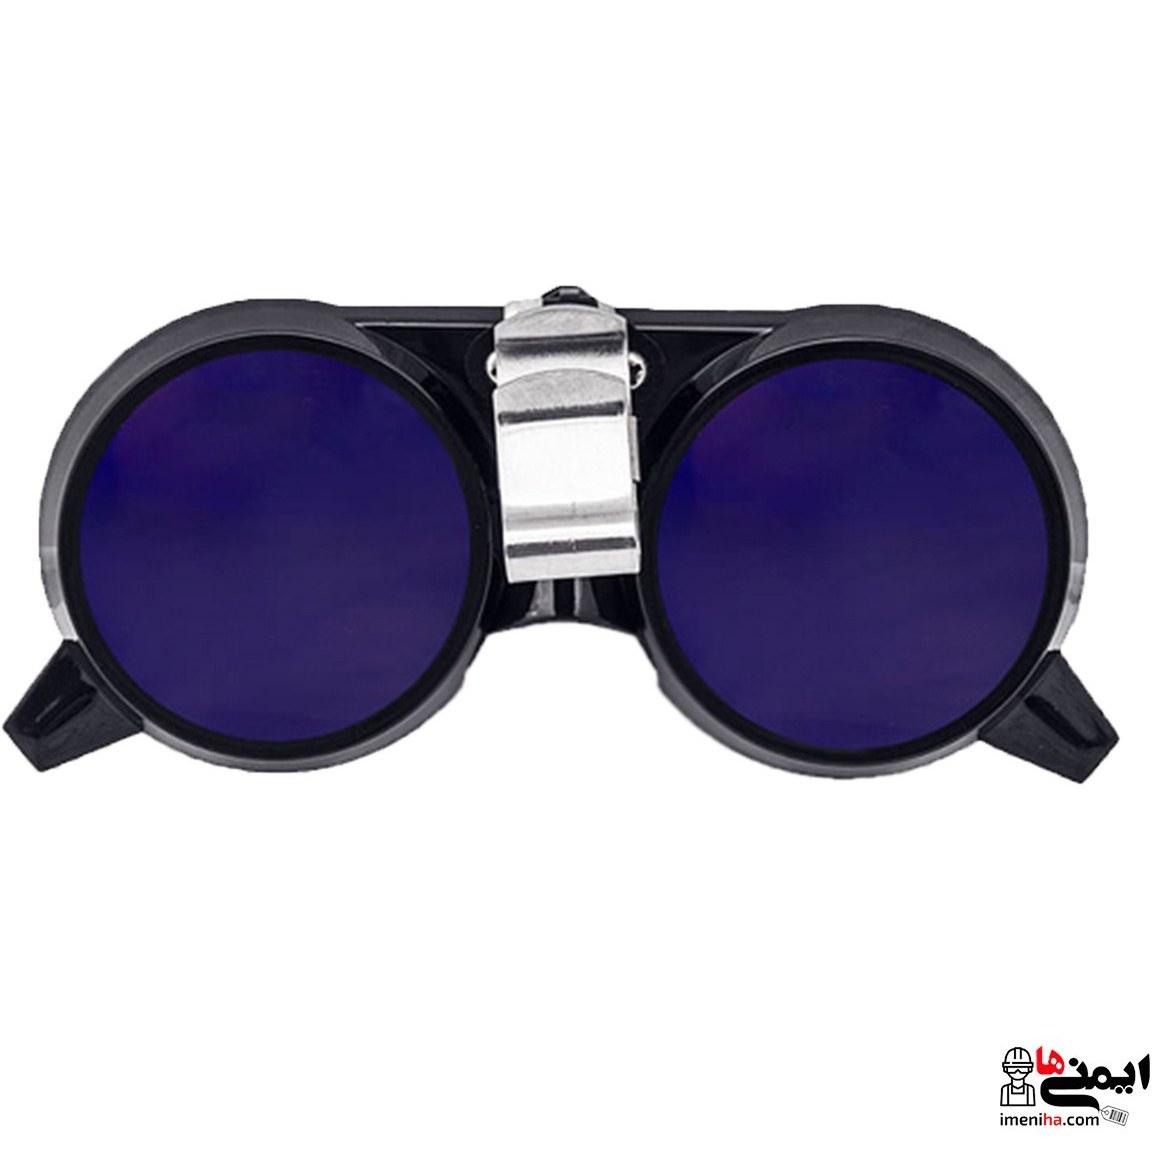 تصویر محافظ چشم جوشکاری PAN SE1161 شیشه کبالت